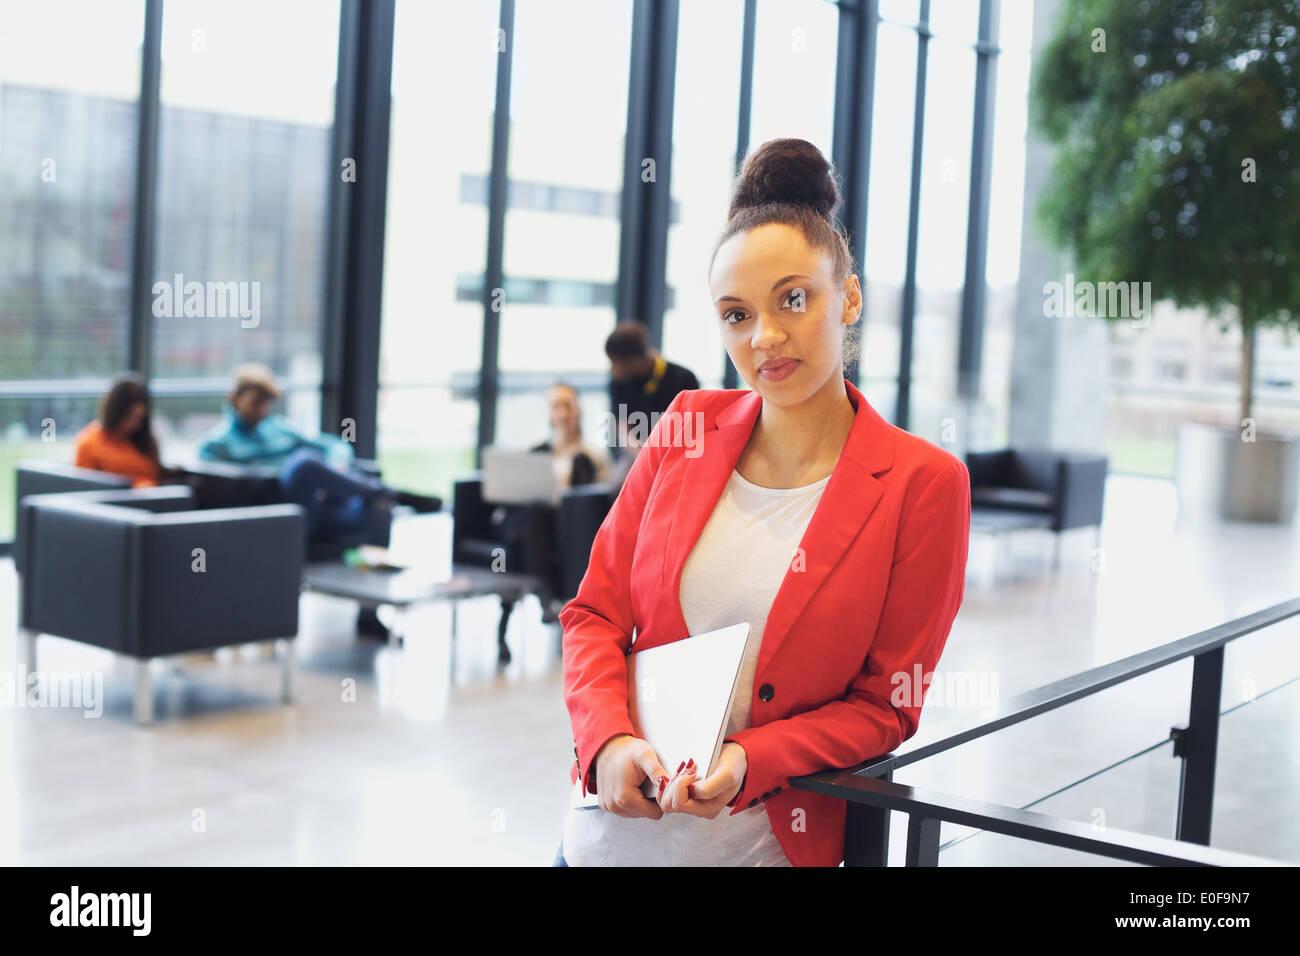 Seguro joven afro americana mujer sosteniendo un portátil por una verja de pie mirando a la cámara. Joven Empresaria en la oficina. Imagen De Stock